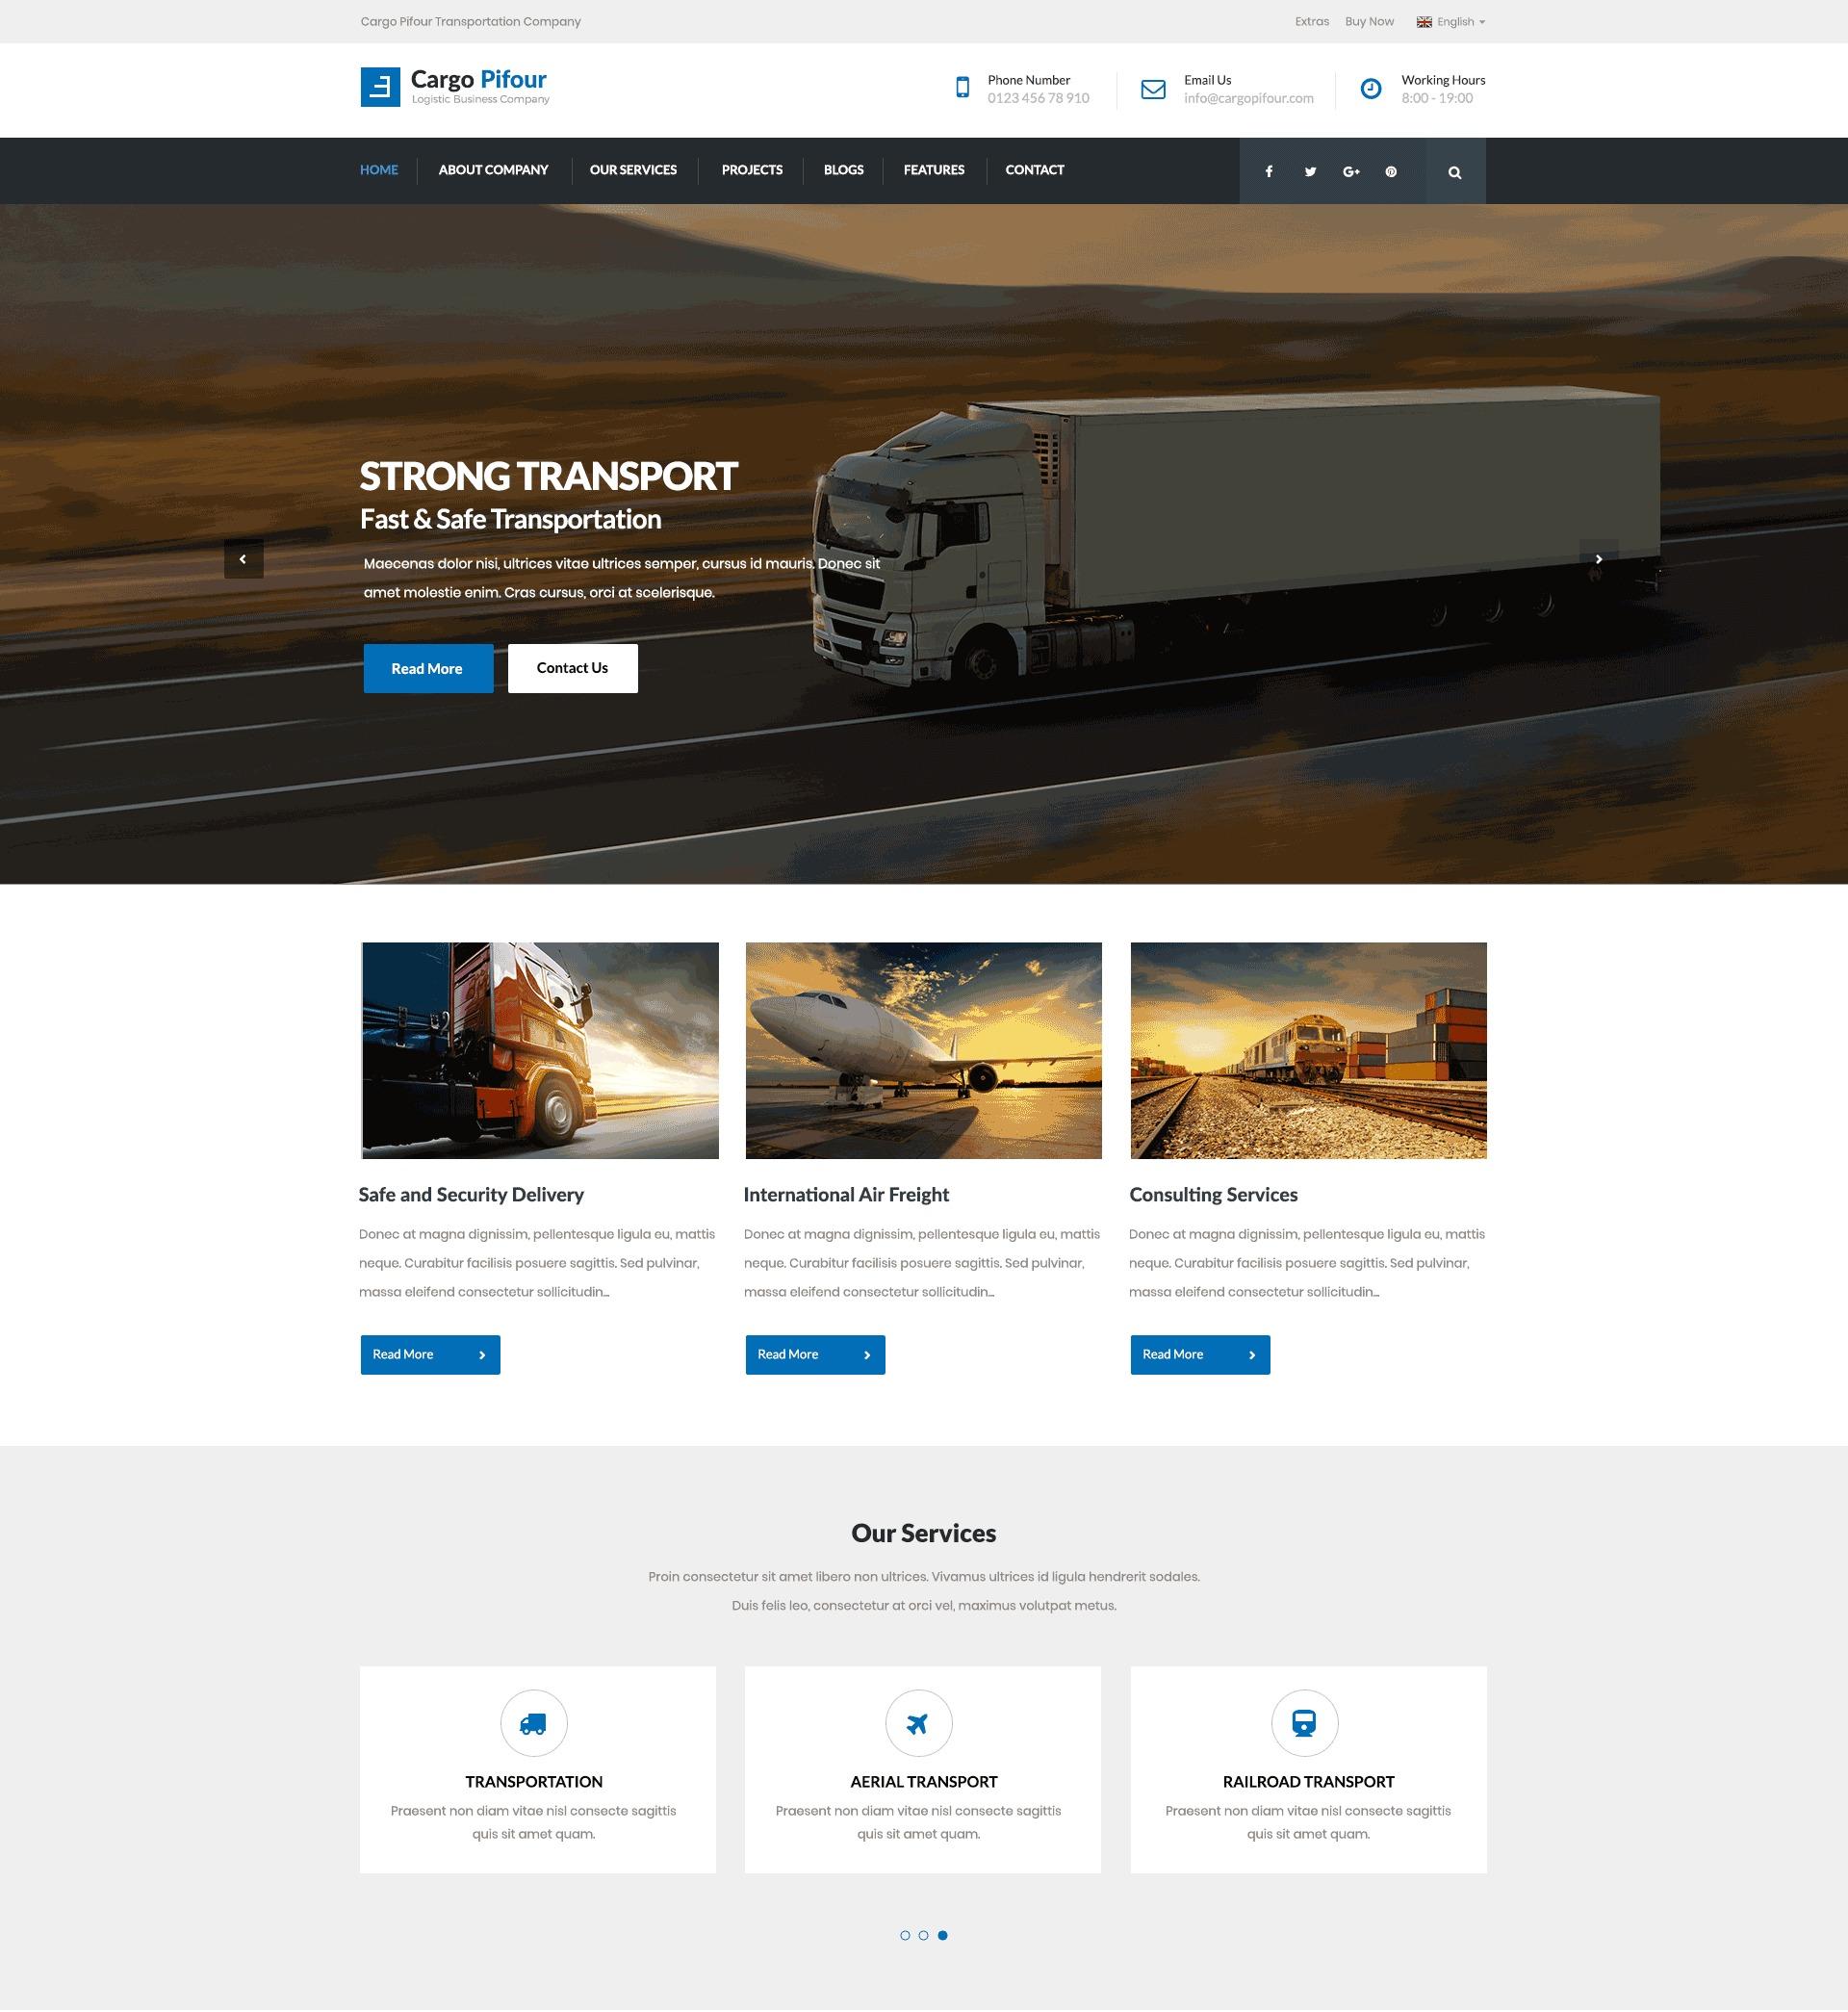 WordPress theme Cargo Pifour